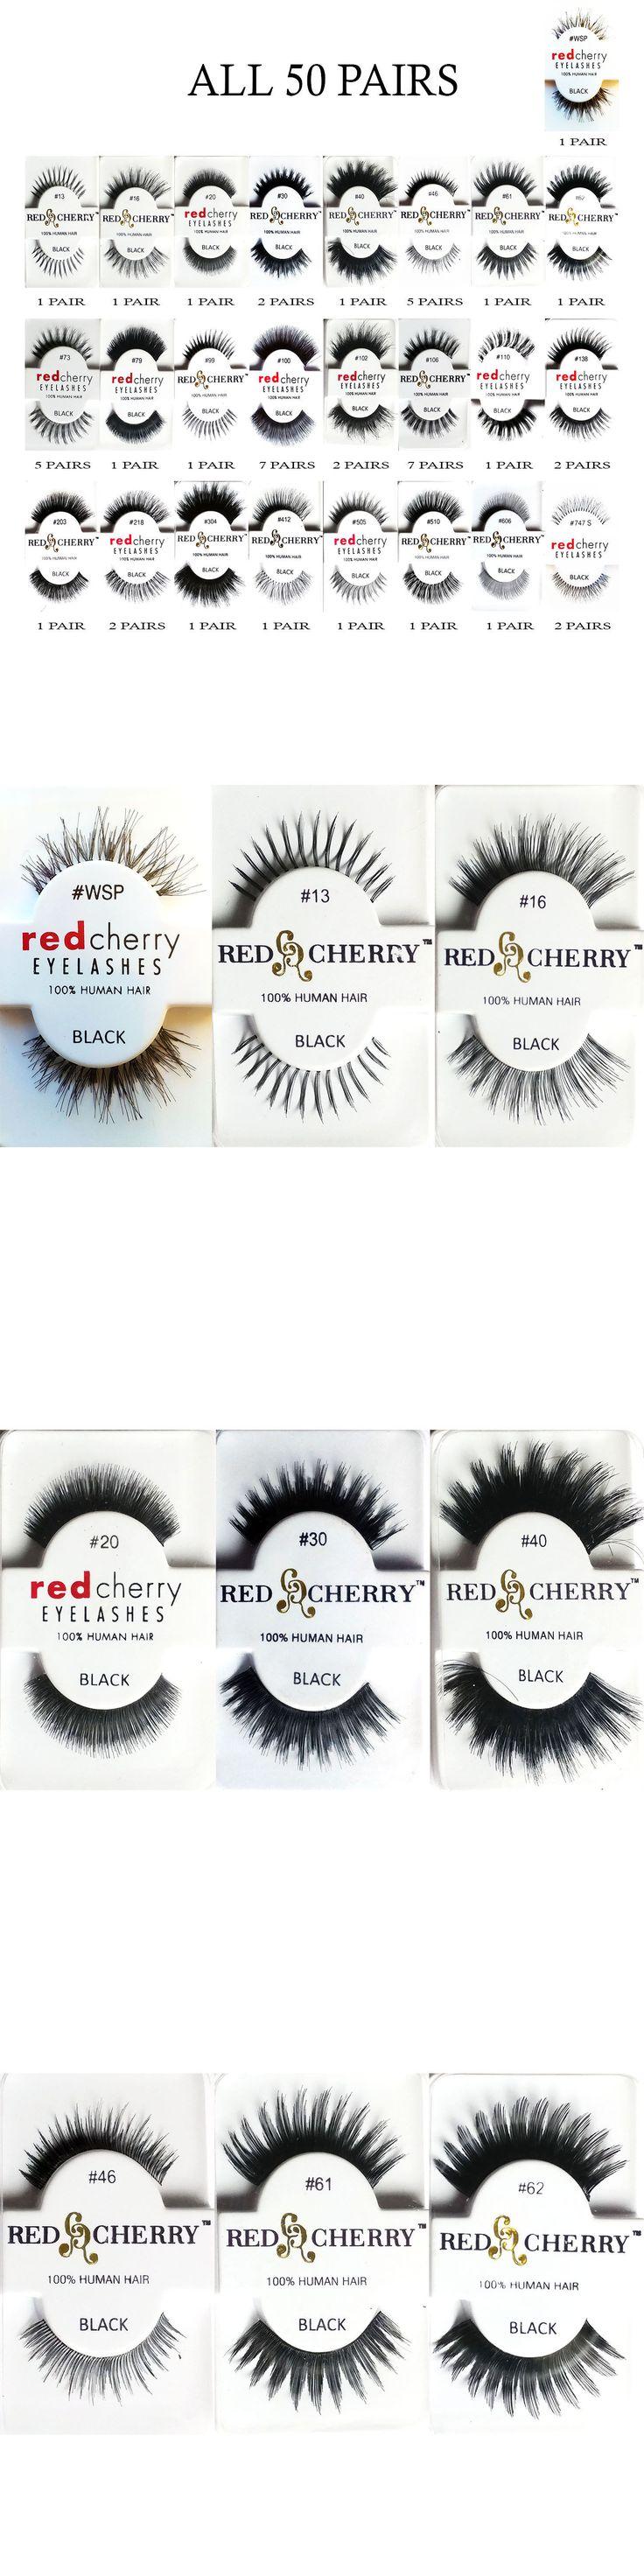 False Eyelashes and Adhesives: 50 Pairs Black Lashes Red Cherry Authentic Human Hair False Eyelashes -> BUY IT NOW ONLY: $59.98 on eBay!